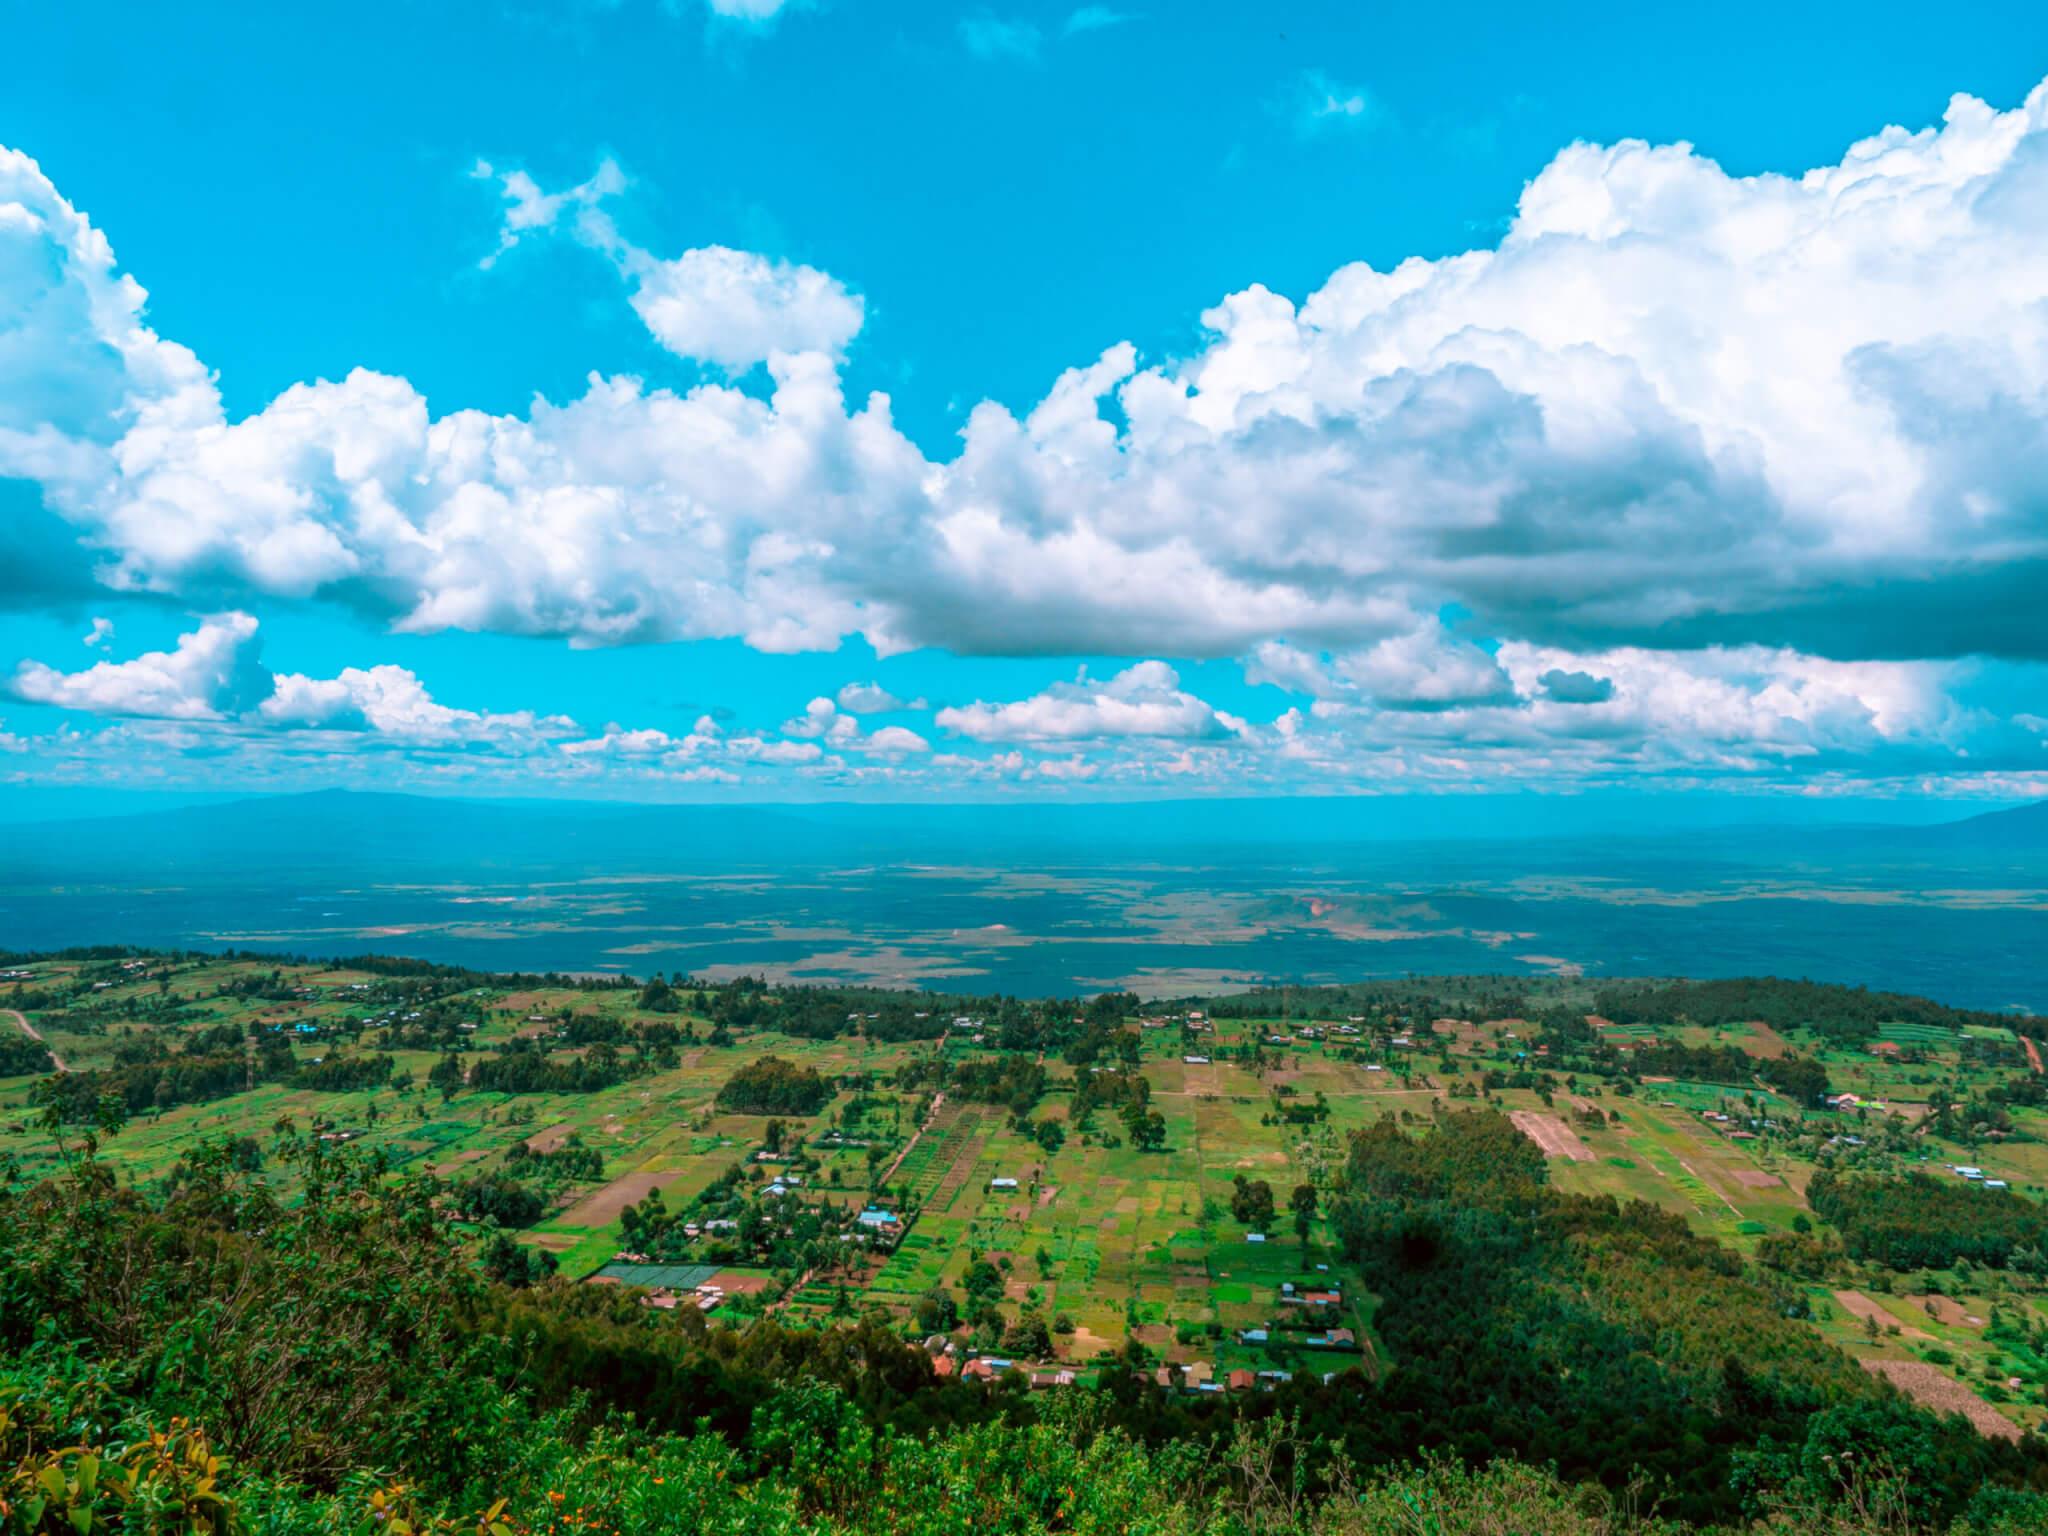 Keniassa maisemat ovat kauniita